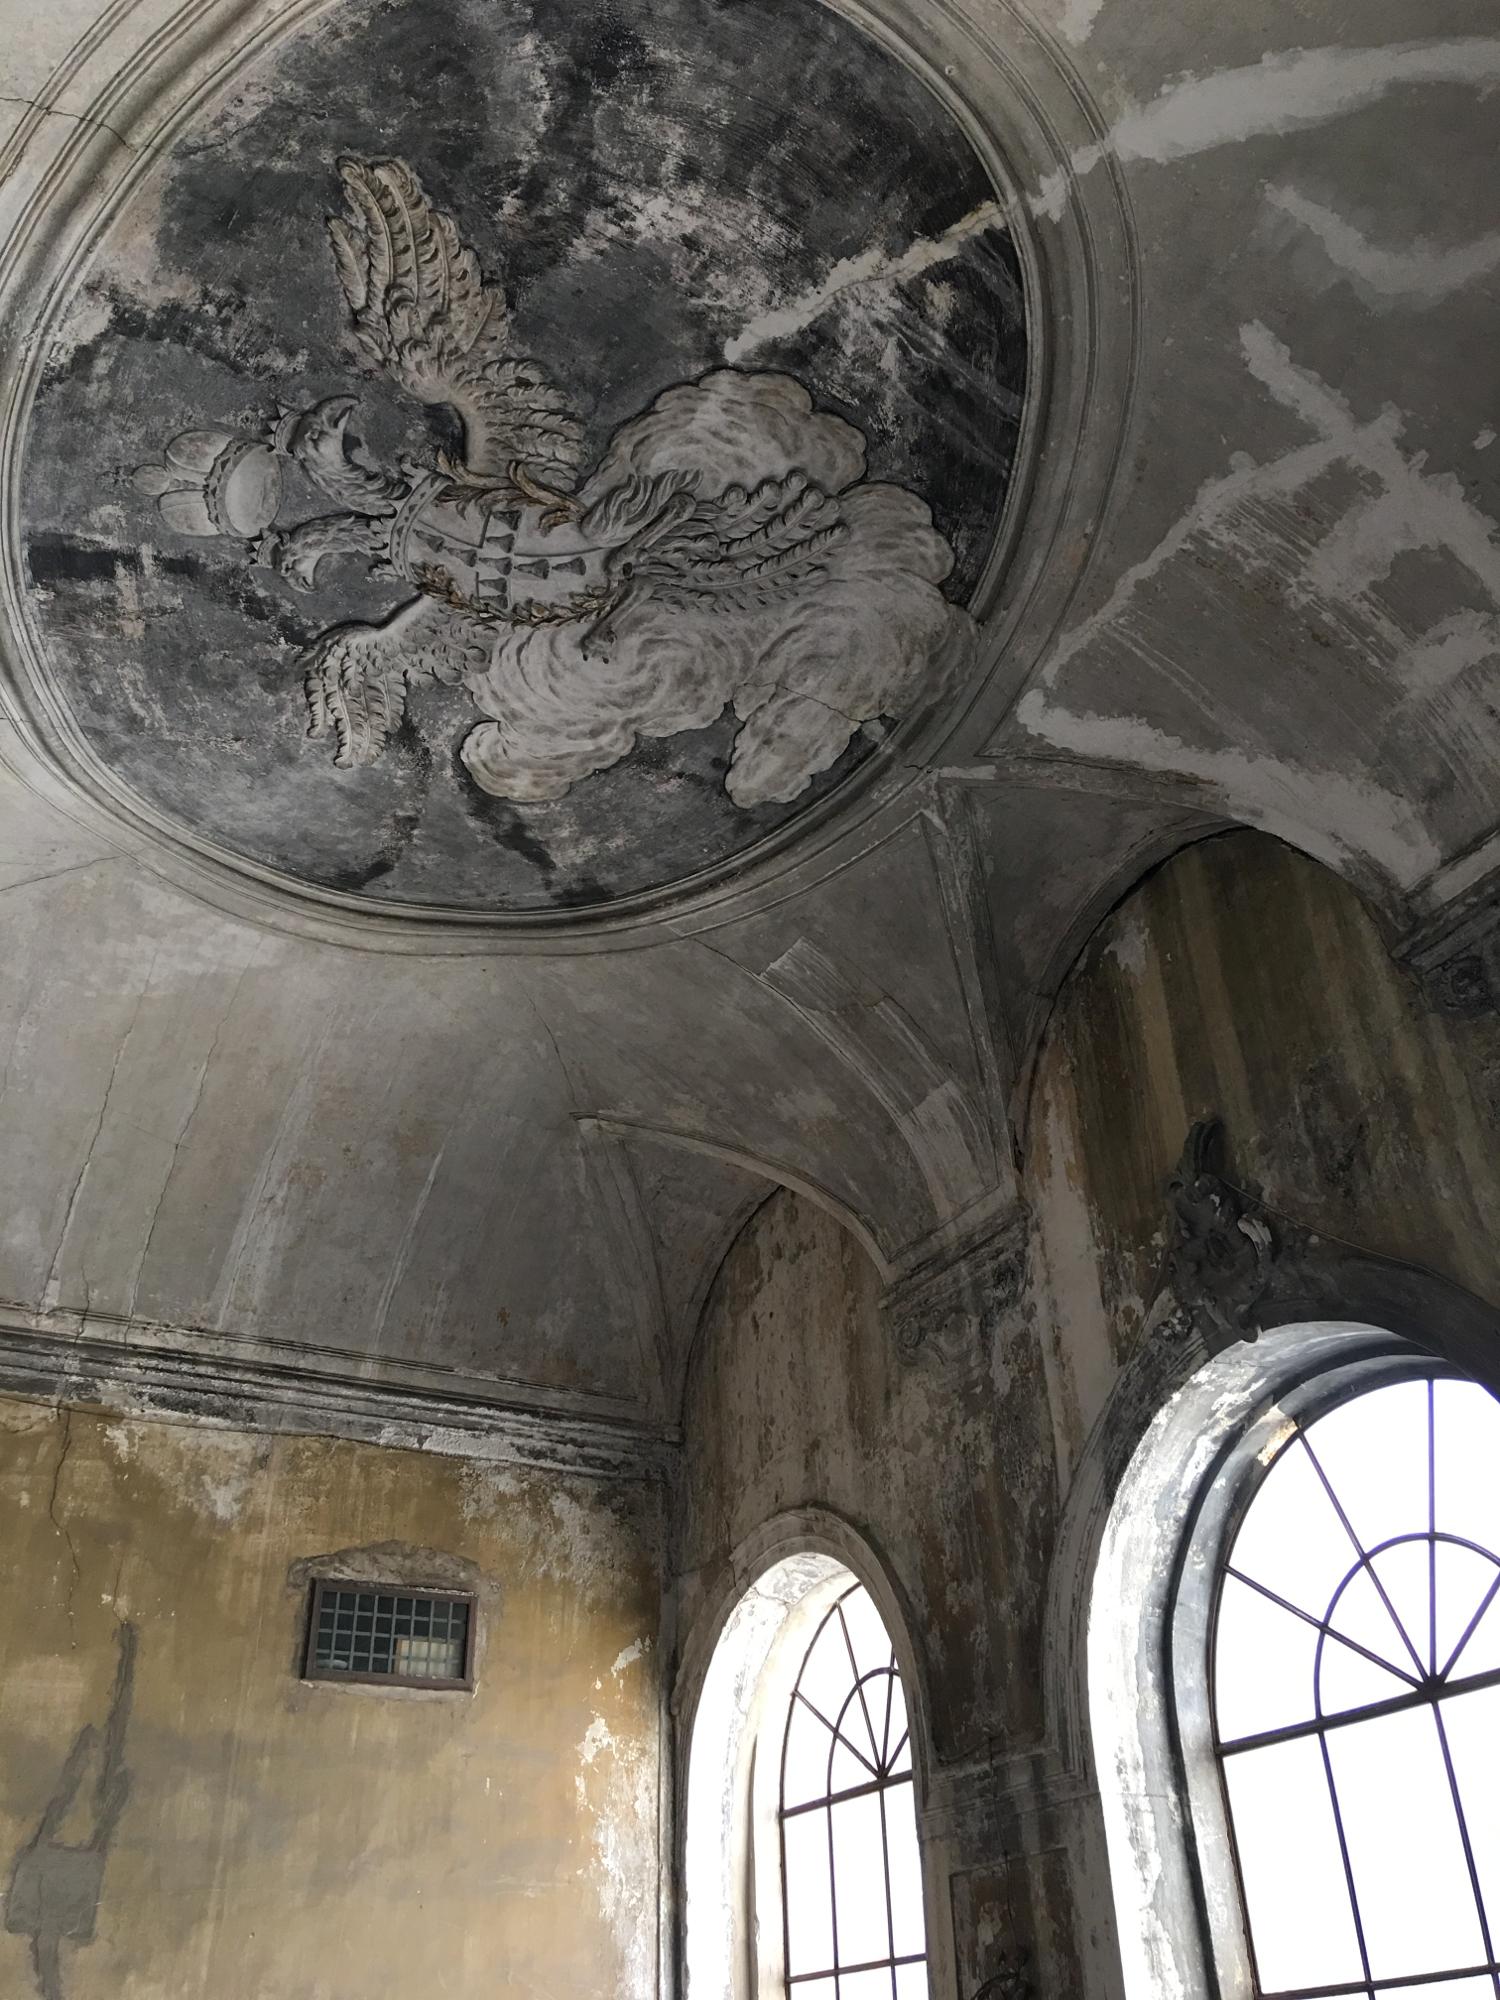 rocaille-blog-sicilia-palermo-ex-palazzo-cuto-scalone-76